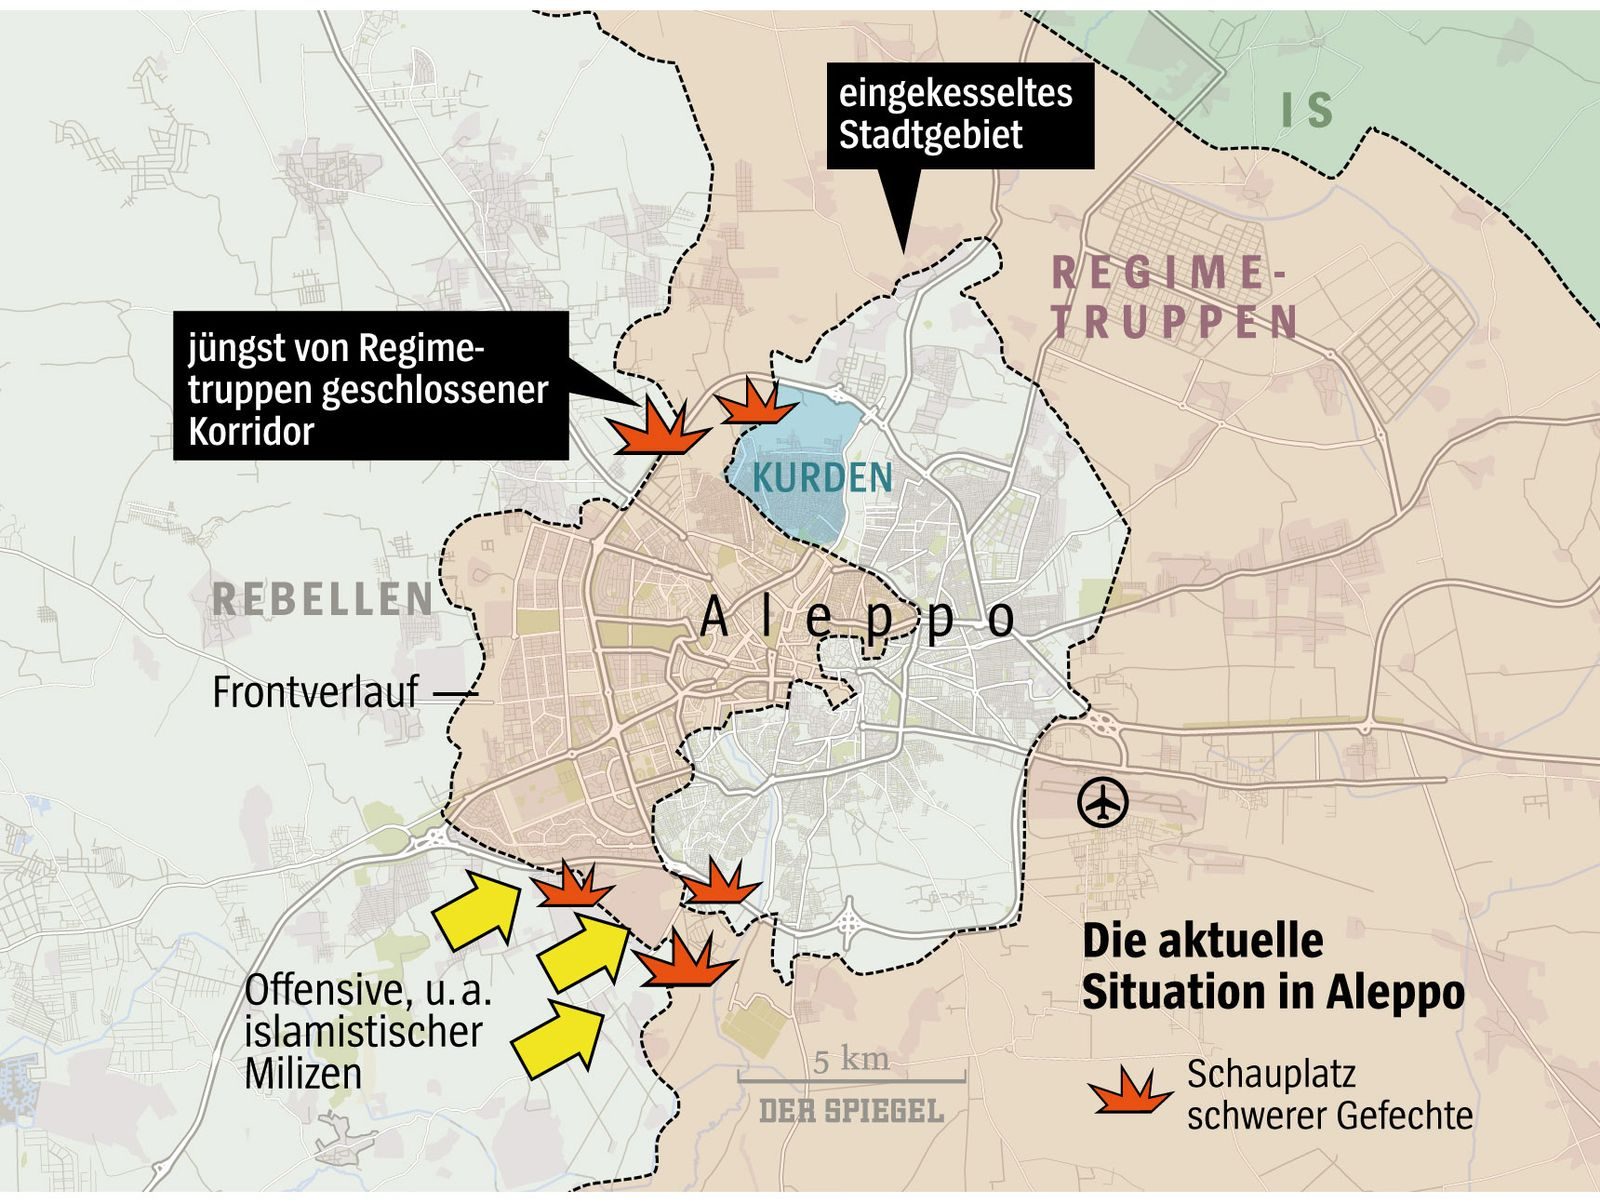 SPIEGEL Plus SPIEGEL 32/2016 S.83 Aleppo